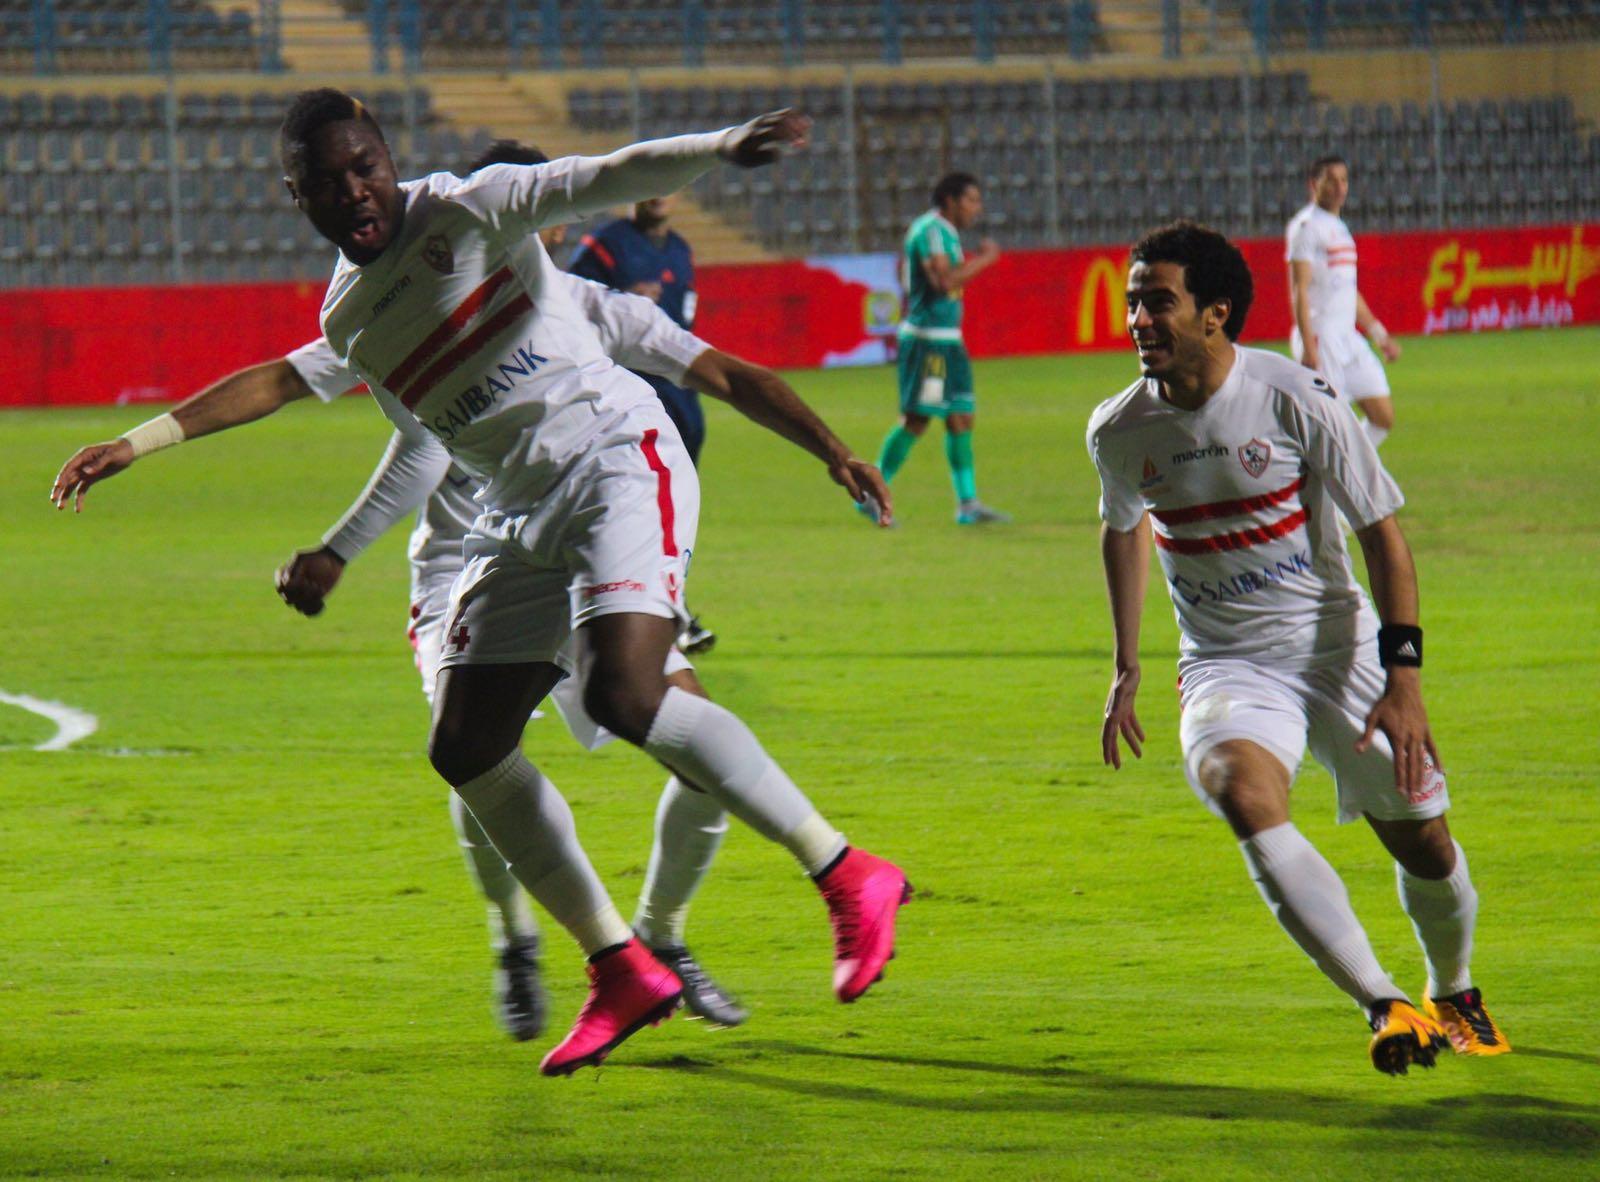 Liga dos campeões africanos: Jogos da 4ª jornada.